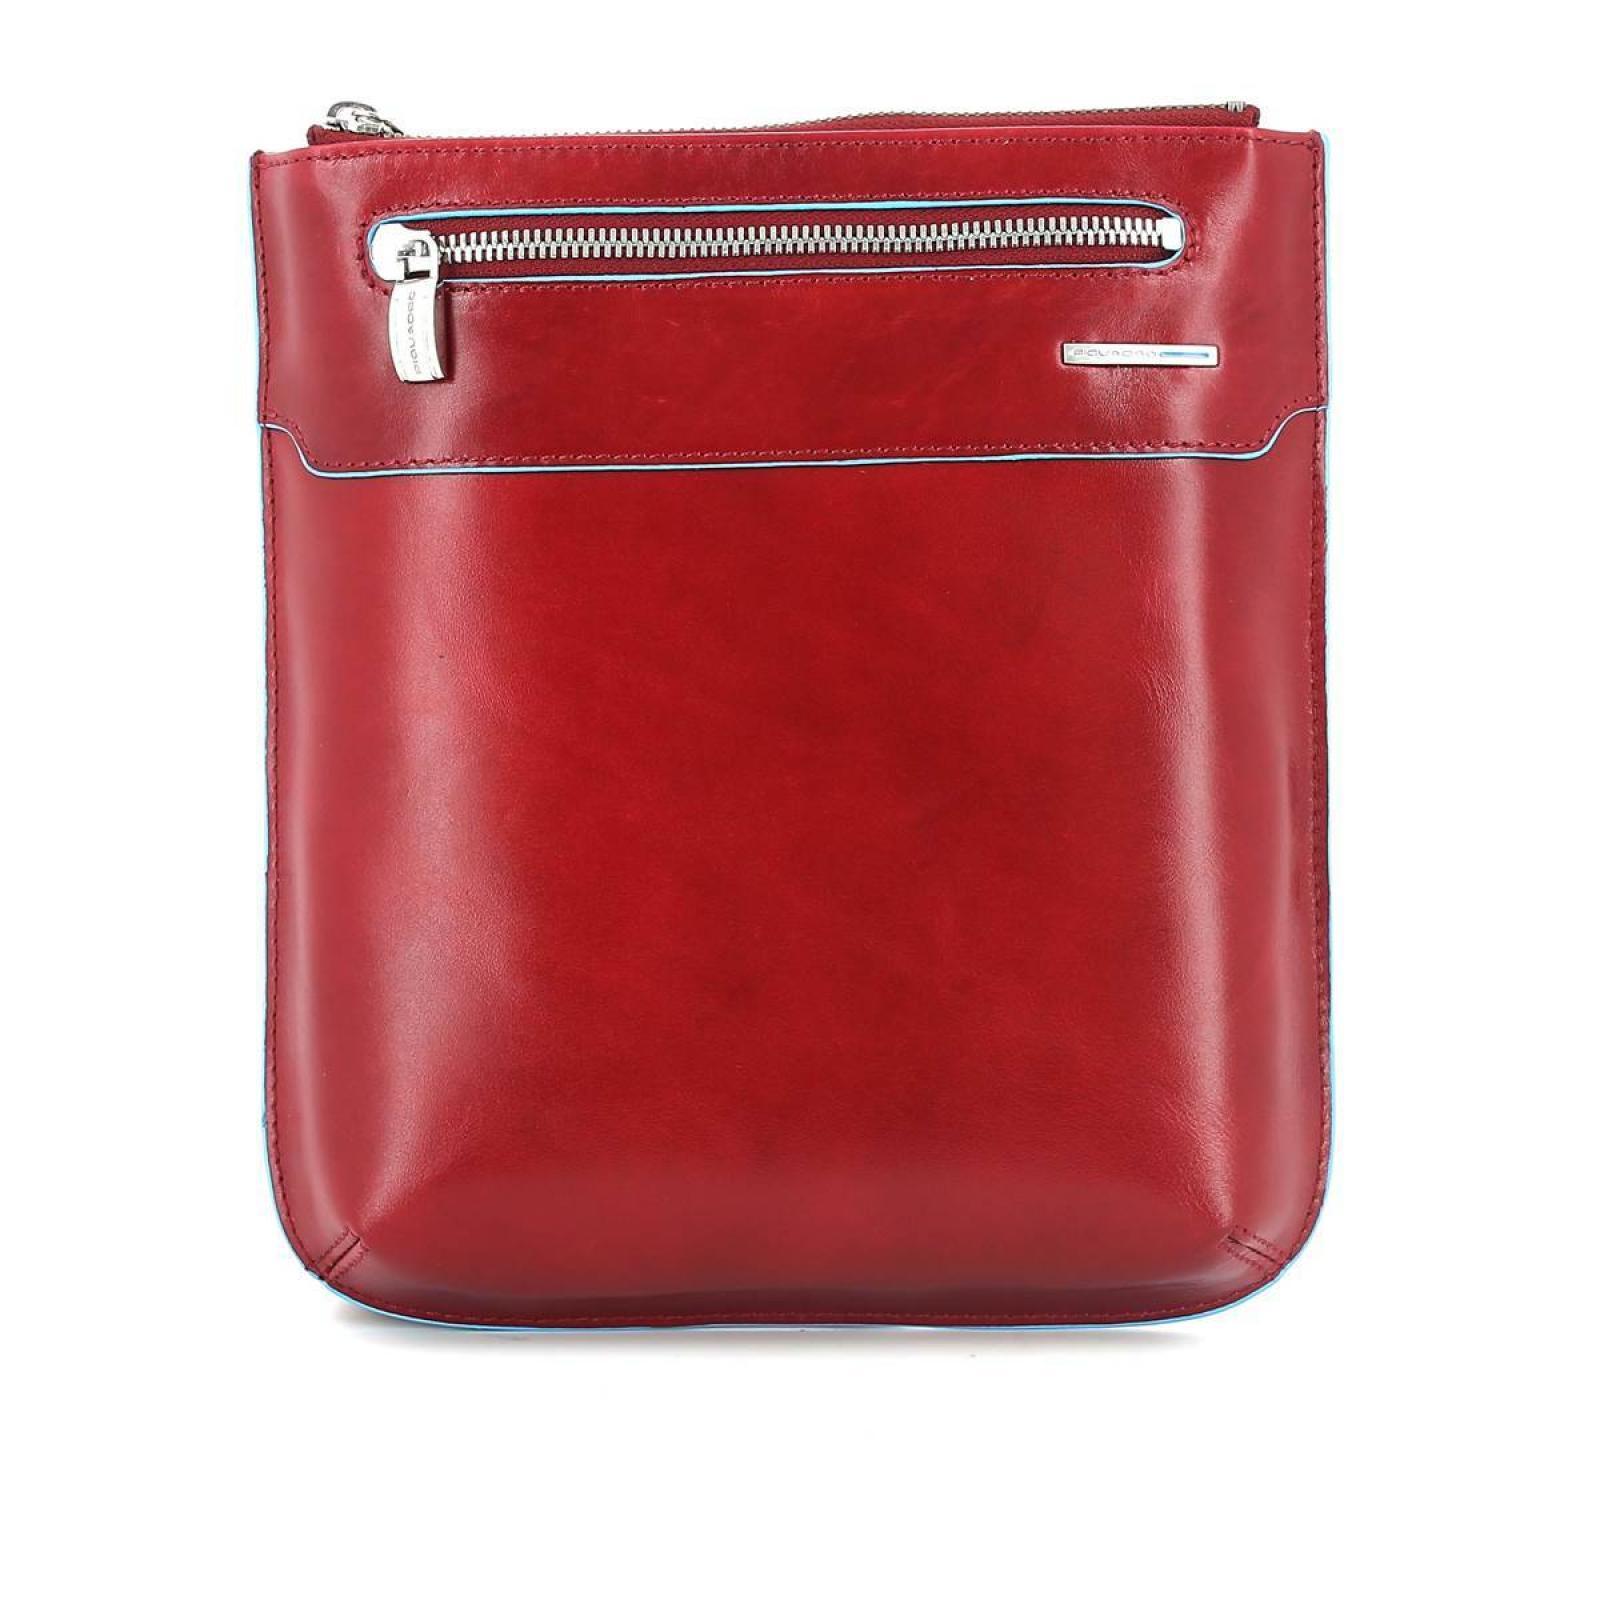 Slim Crossbody Bag Blue Square